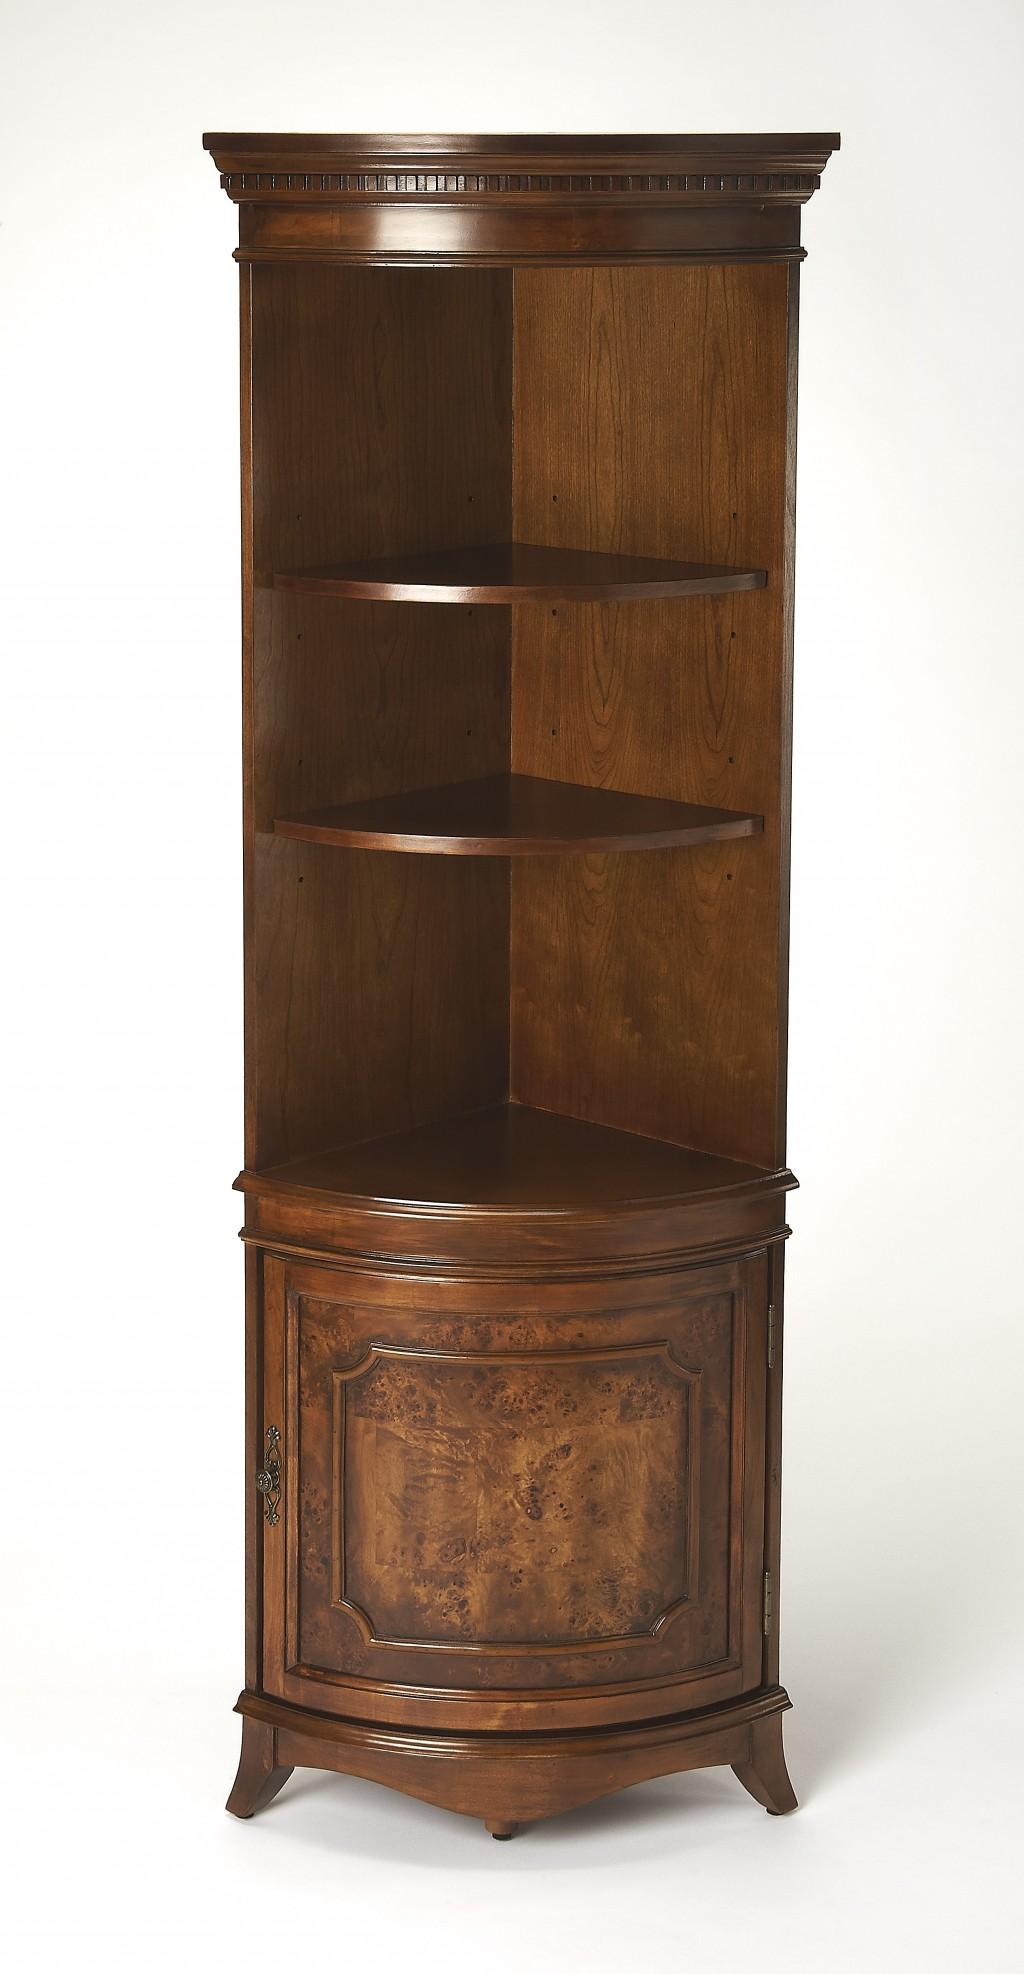 Dowling Olive Ash Burl Corner Cabinet